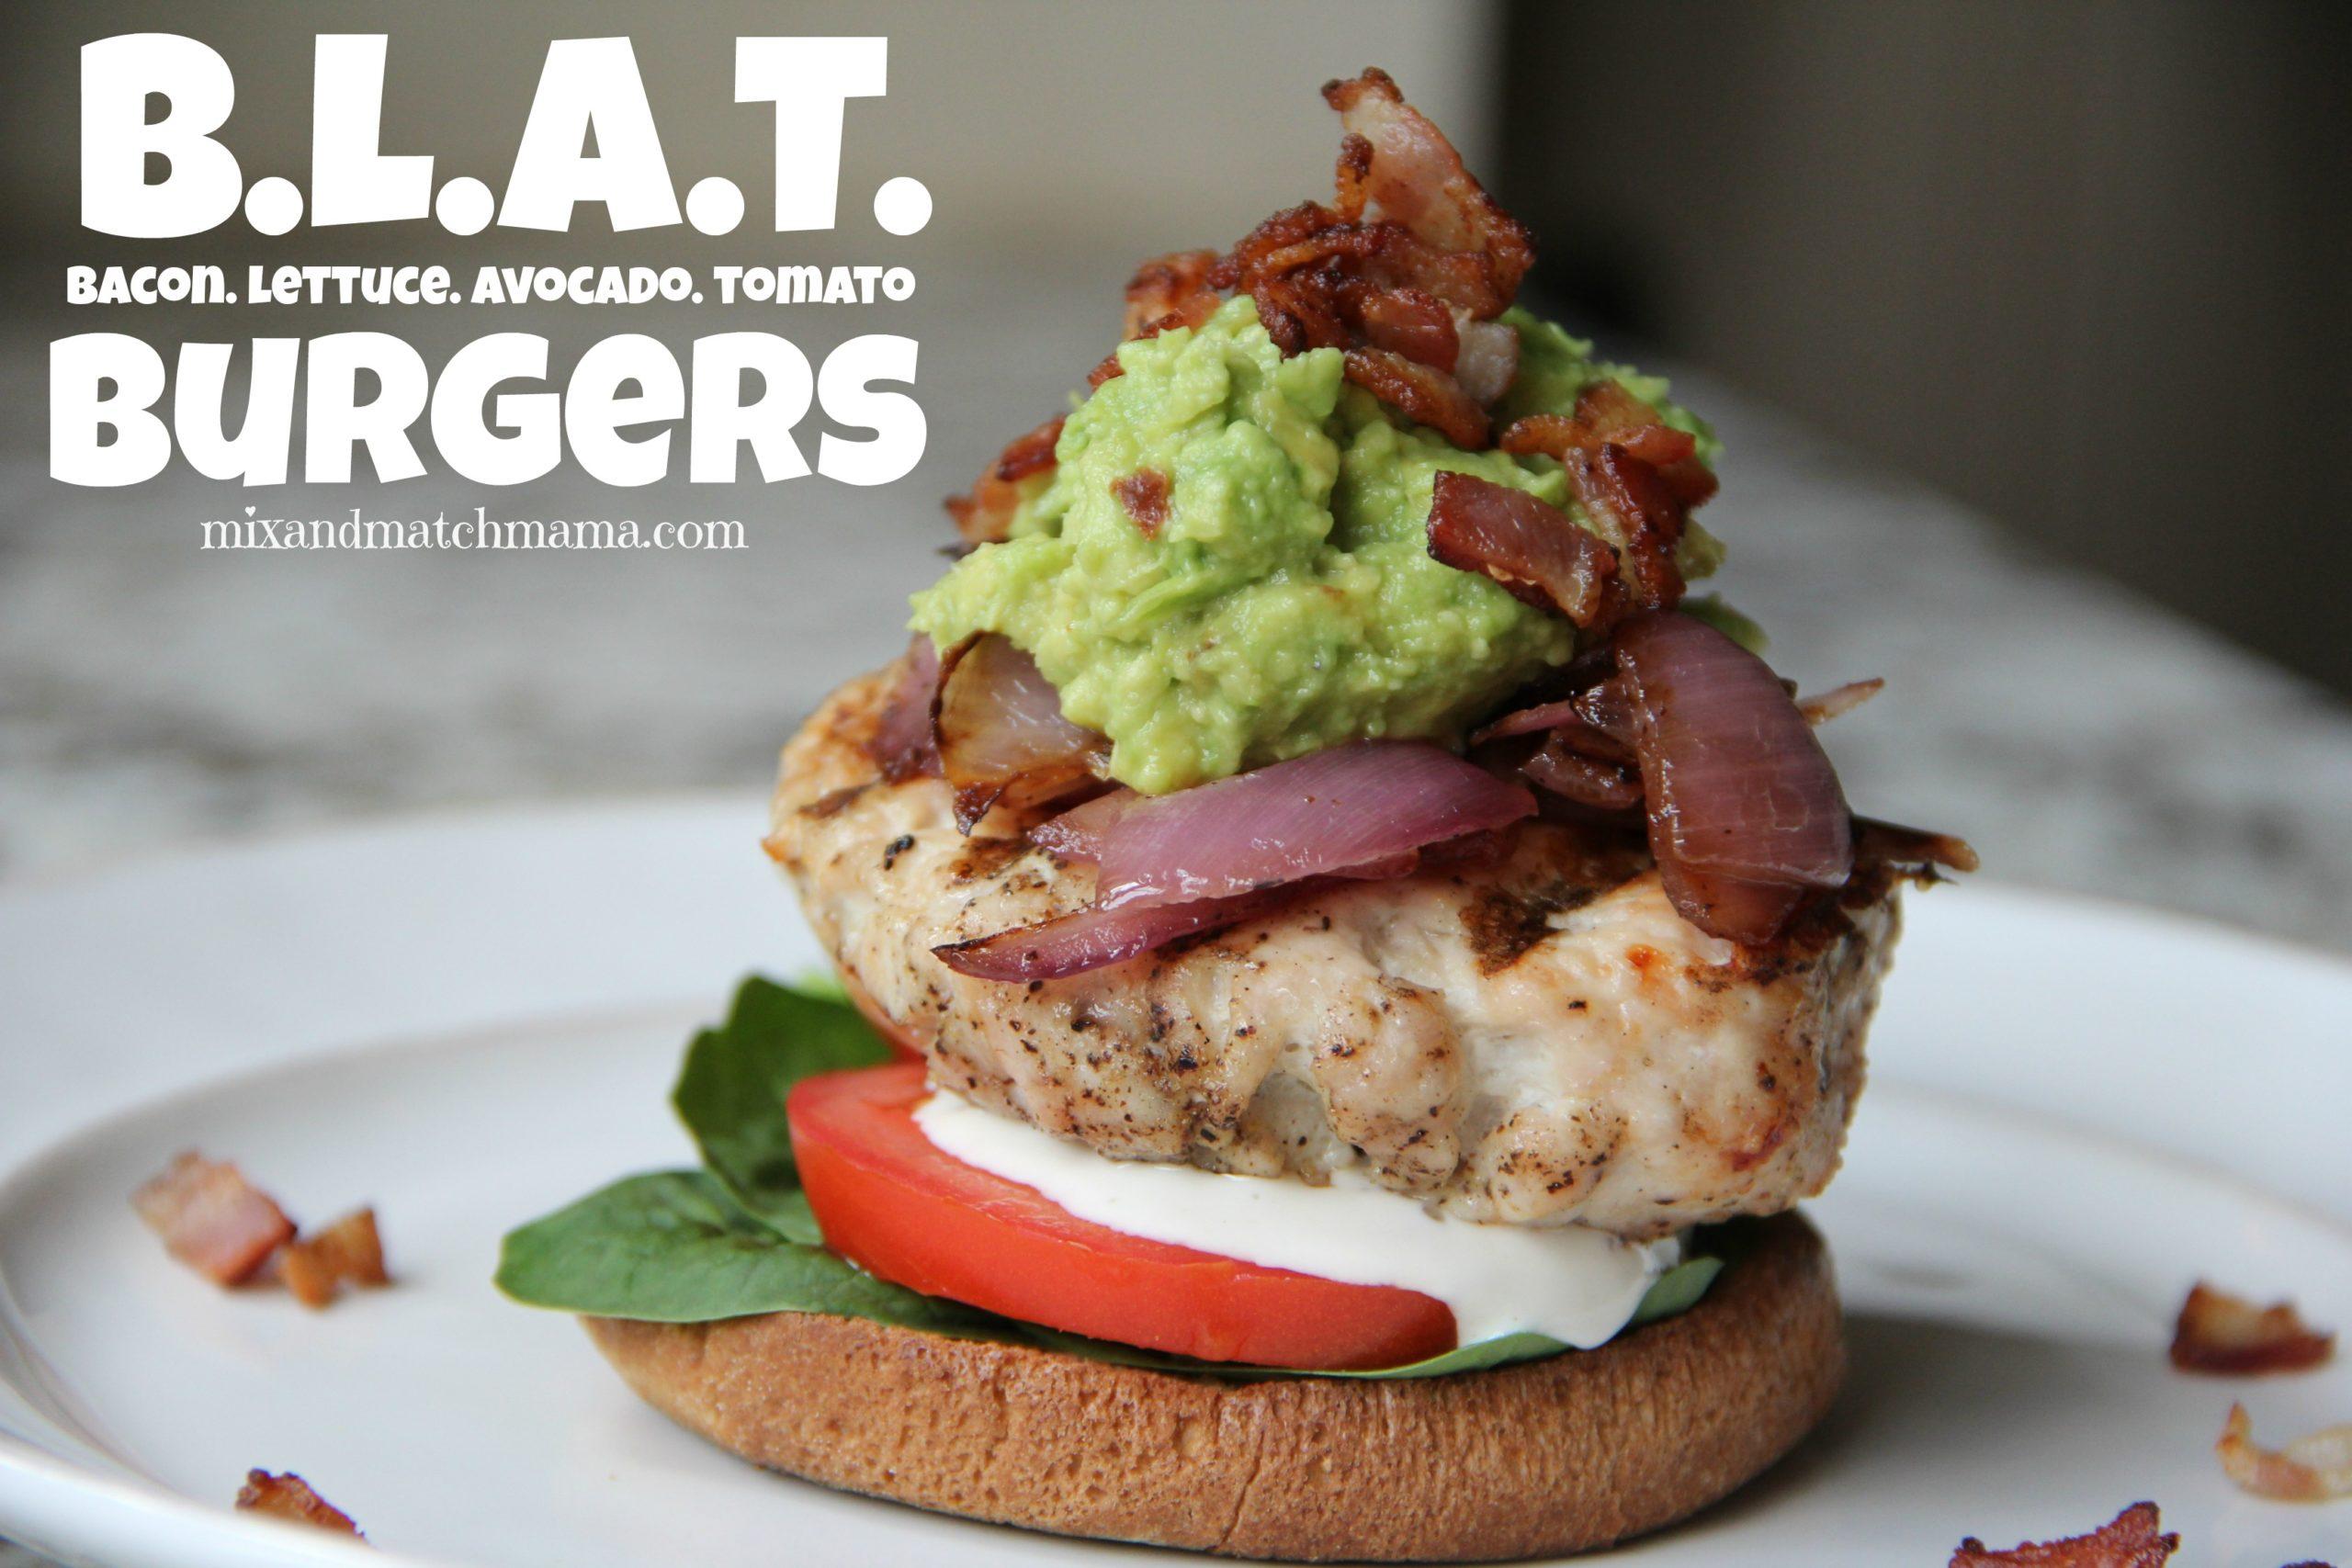 BLAT Burgers